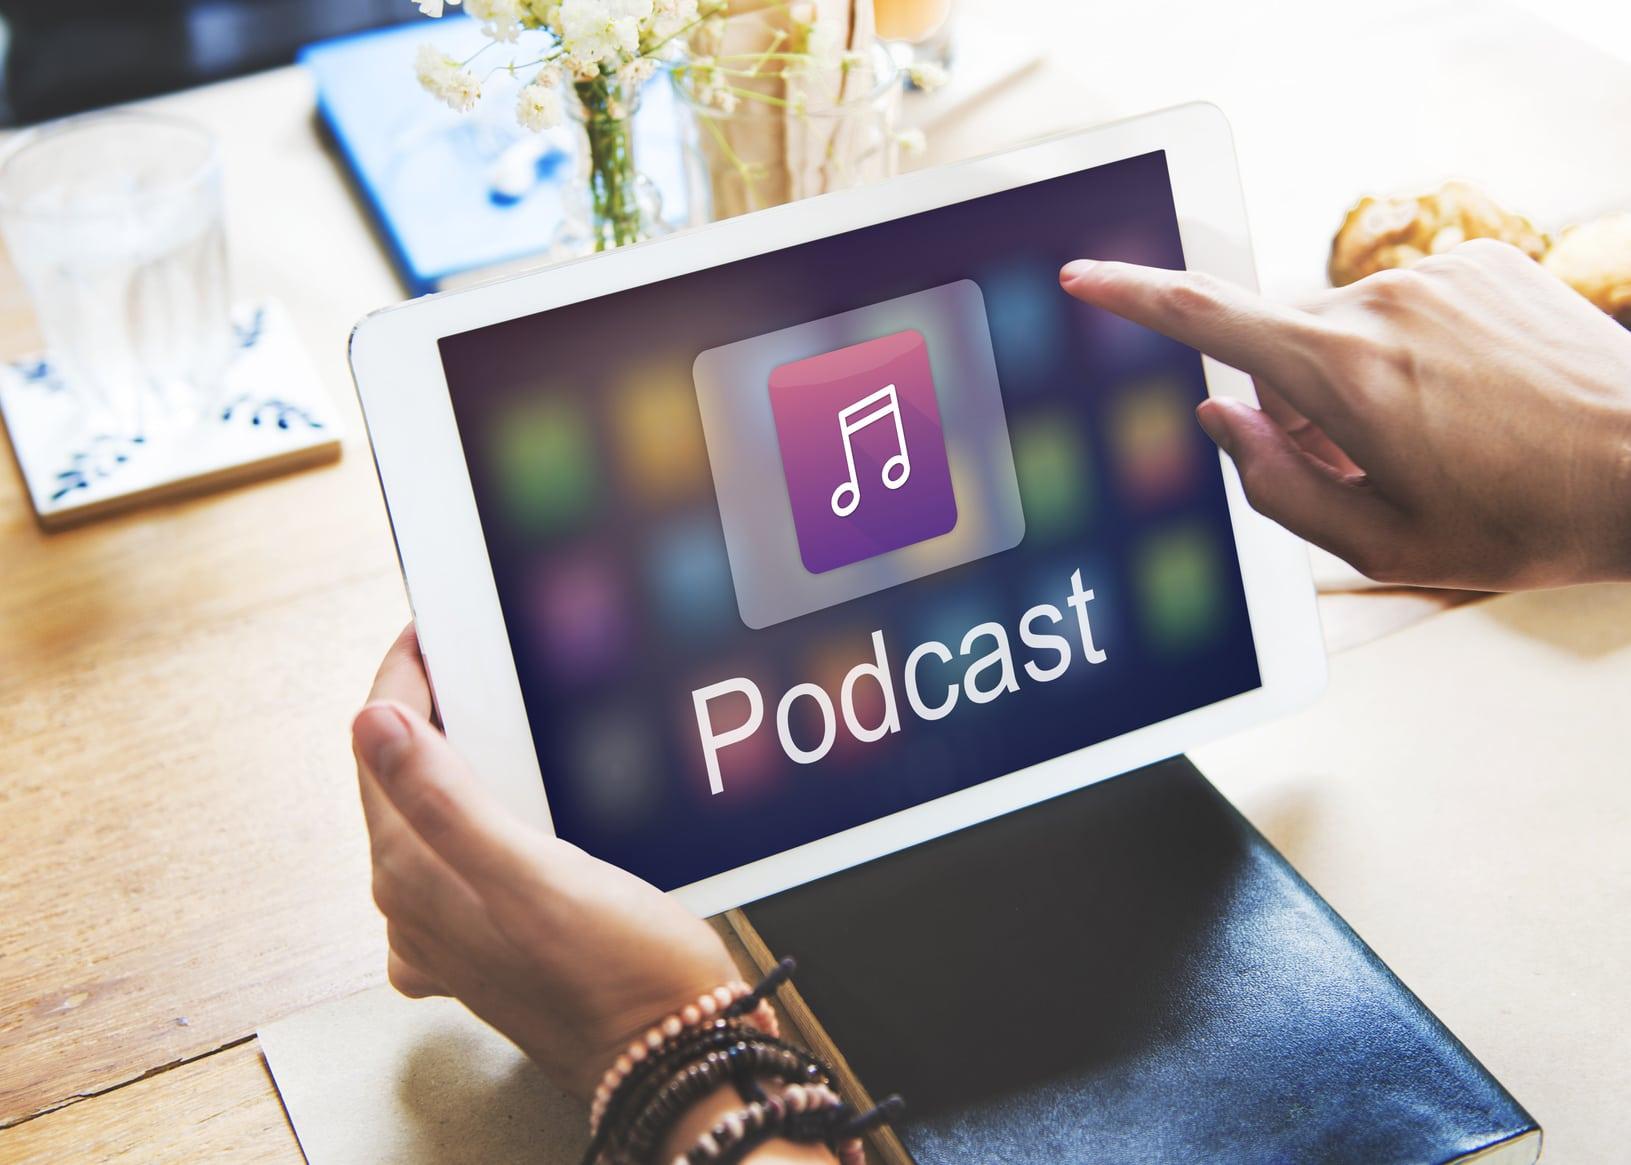 Von Reichweite bis Technik gab es alles rund ums Thema Podcasts